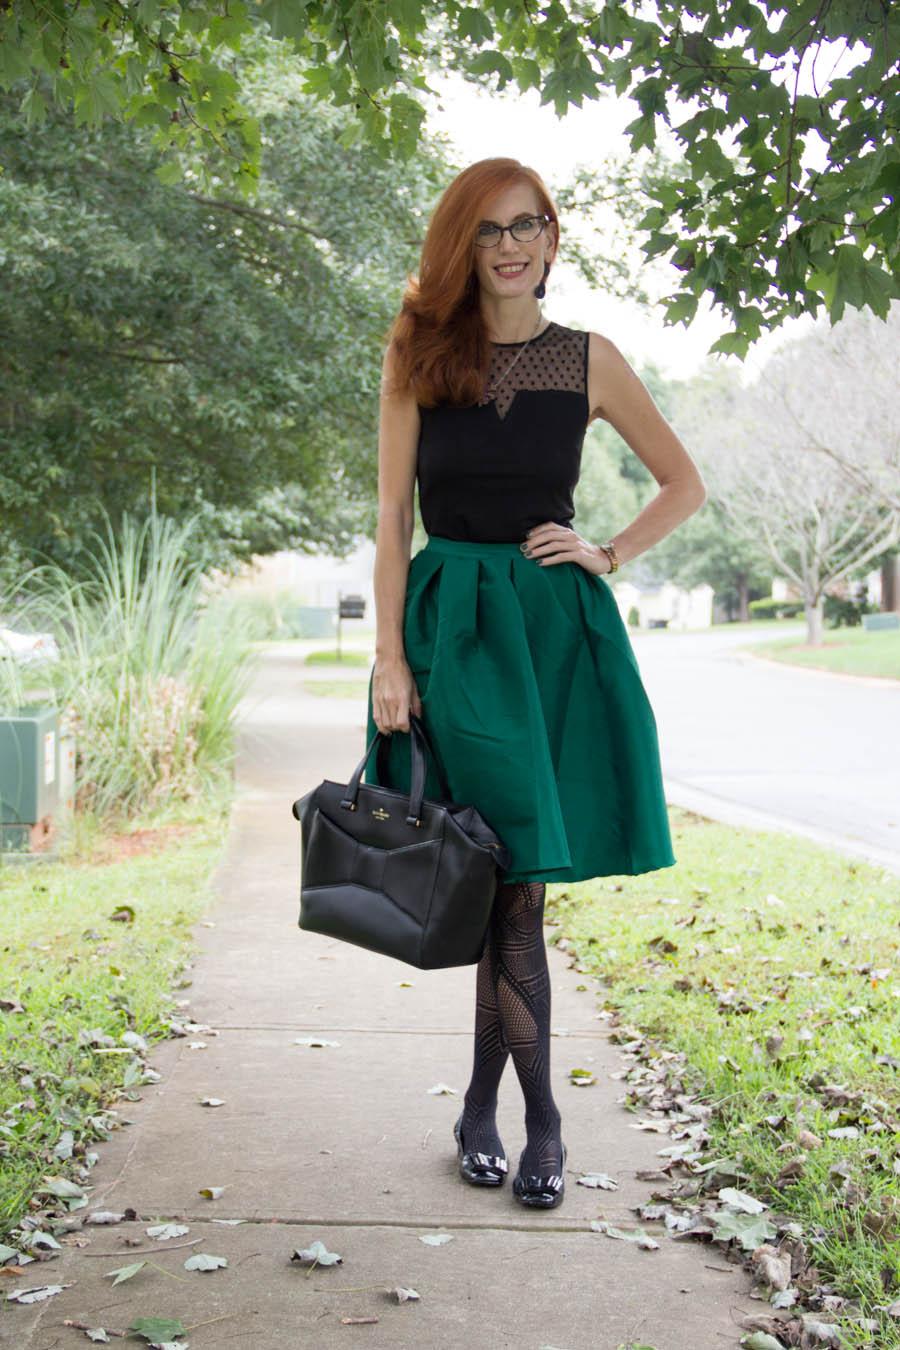 Emerald Midi Skirt - Elegantly Dressed & Stylish - Over 40 Fashion ...